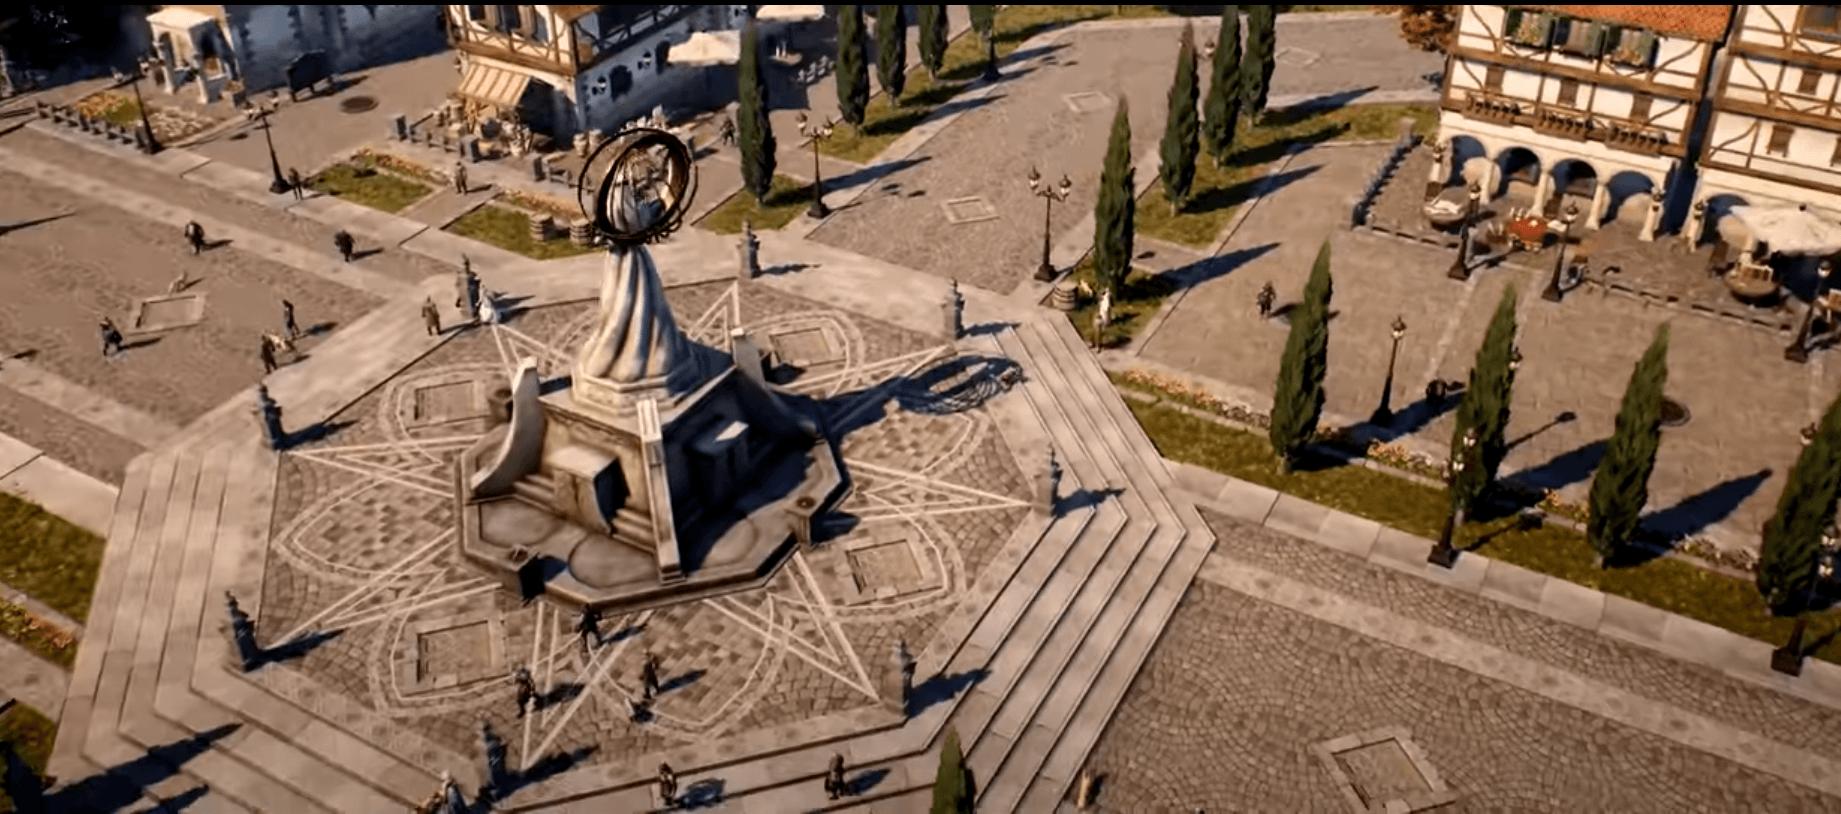 天堂系列IP大作《天堂2M》即將上線 MMORPG開放世界待你加入